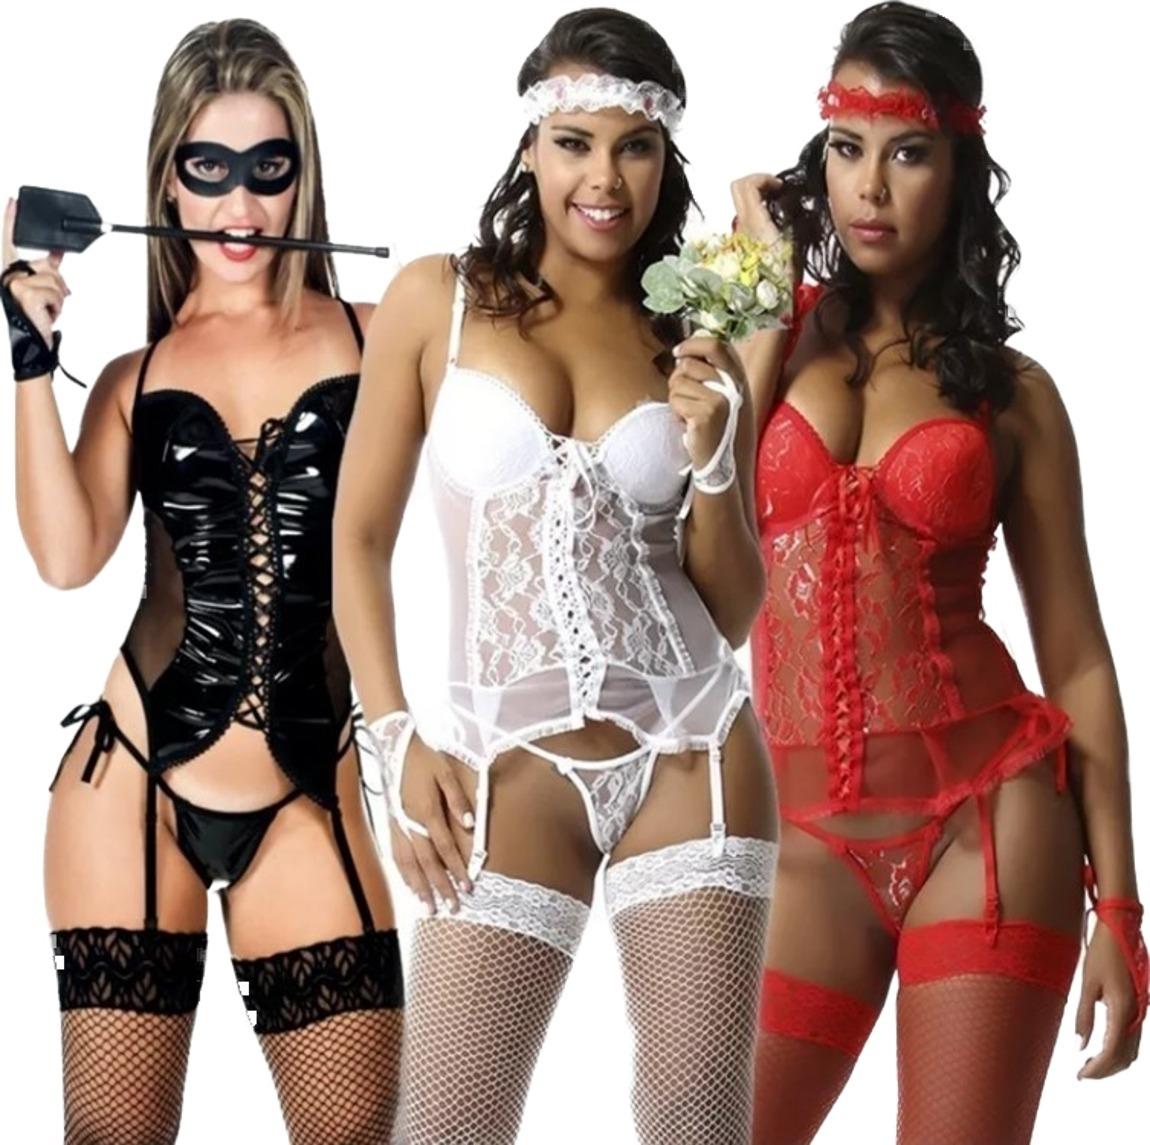 905d227fe lingerie espartilho sexy kit 3 em 1 espartilhos sex +brinde. Carregando  zoom.